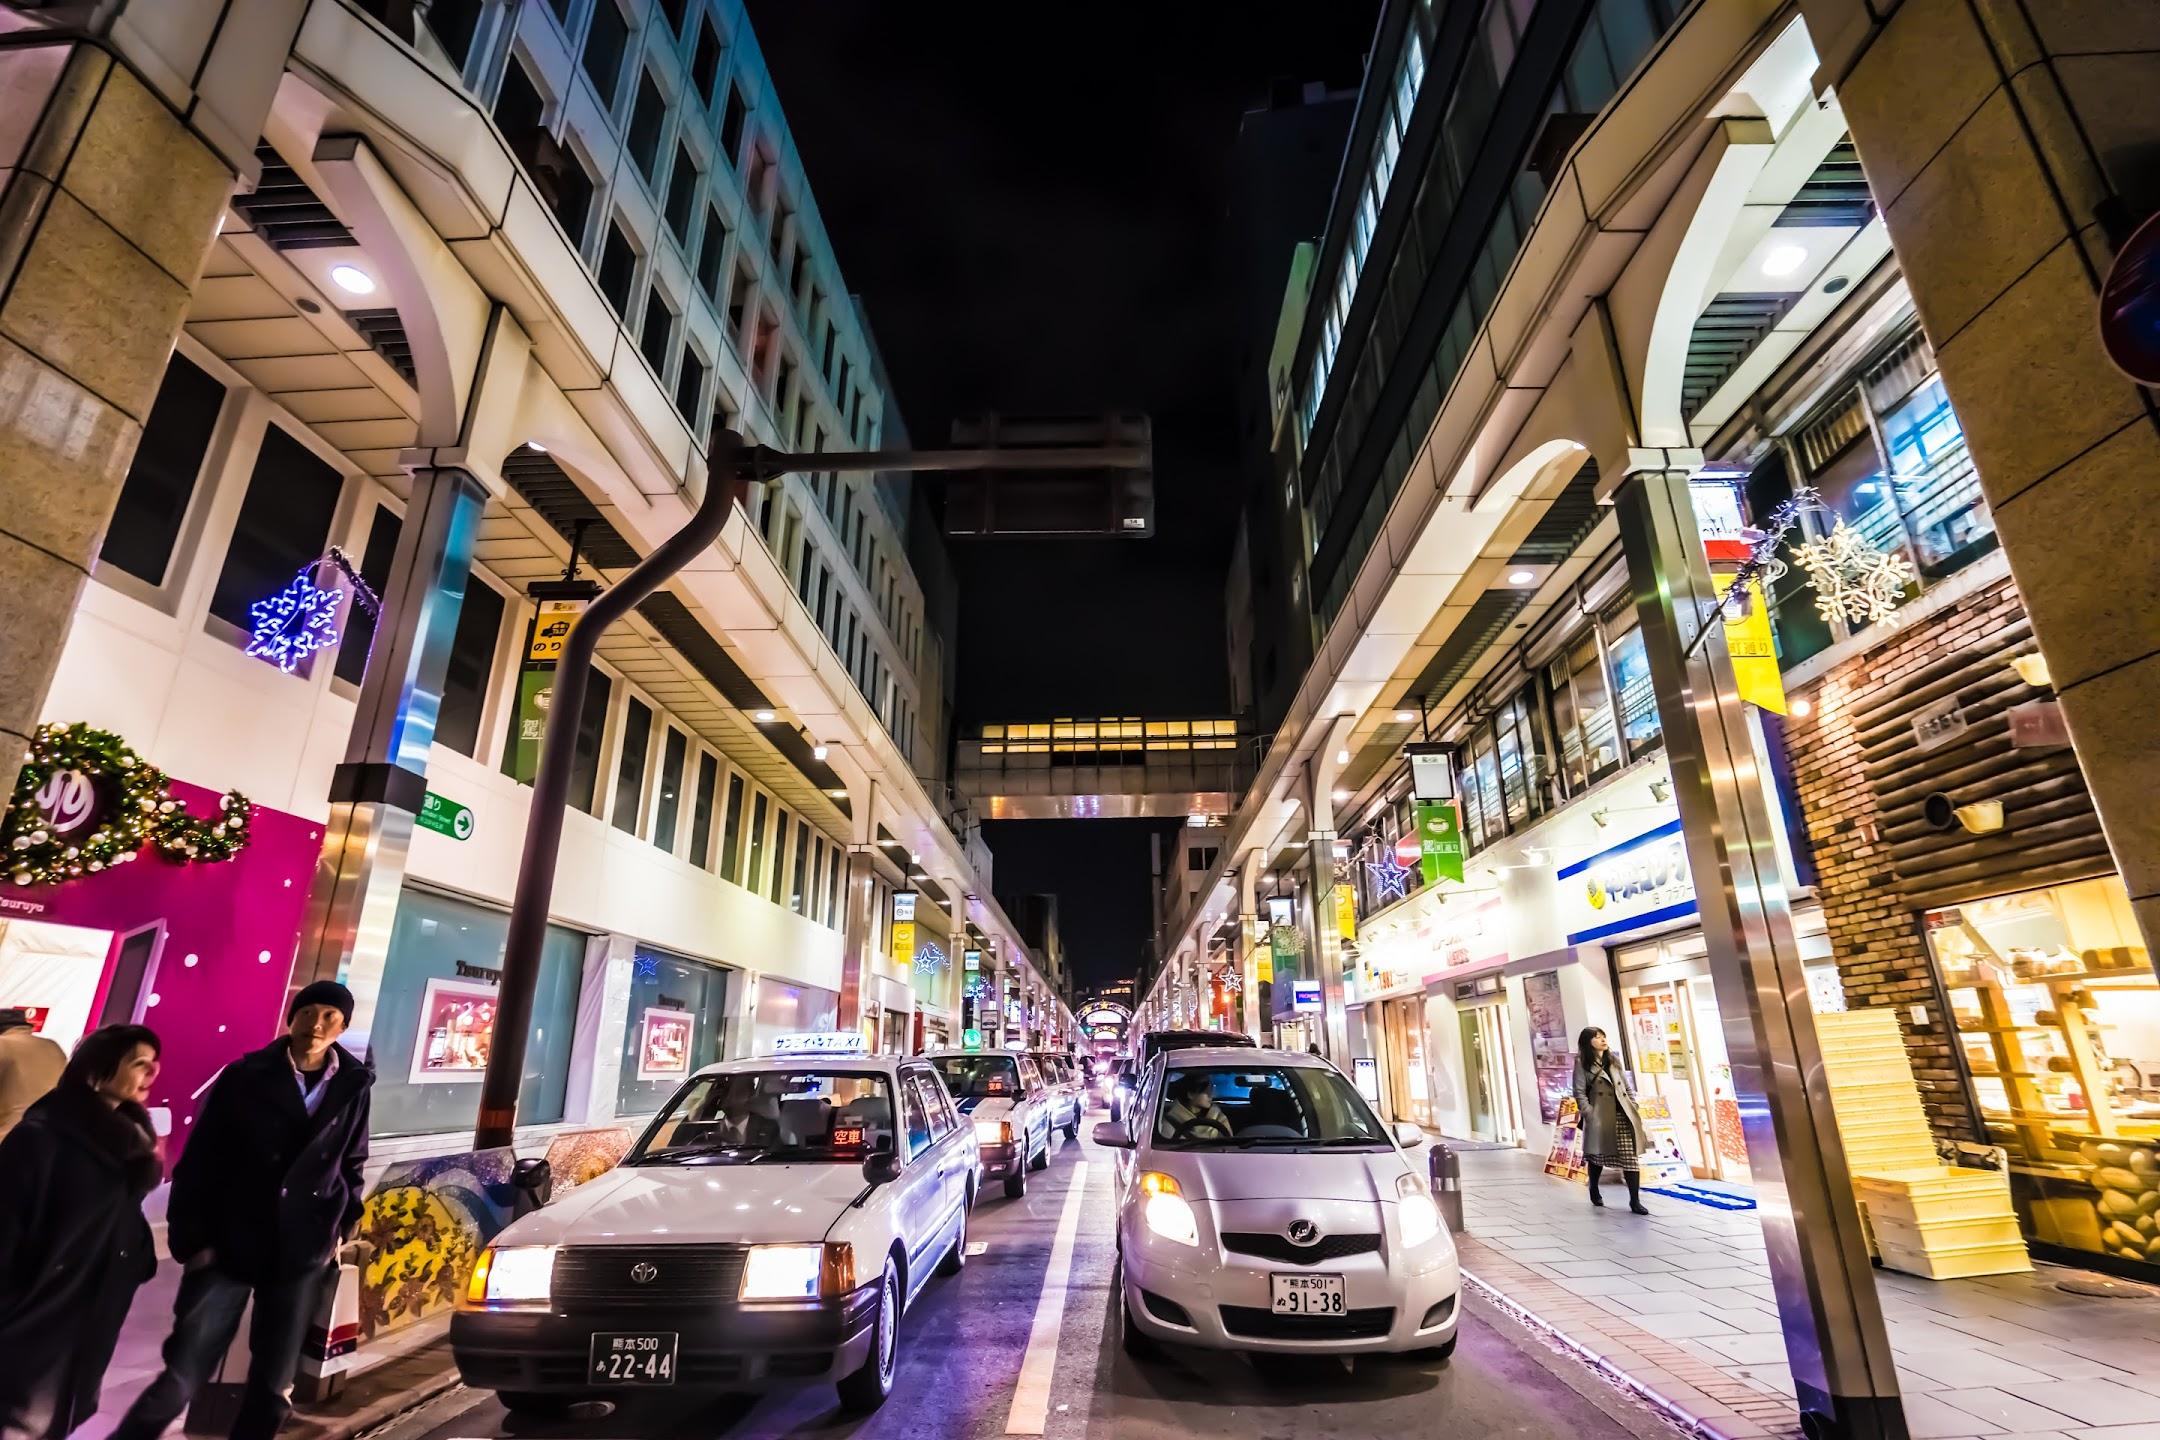 熊本 夜 鶴屋百貨店2